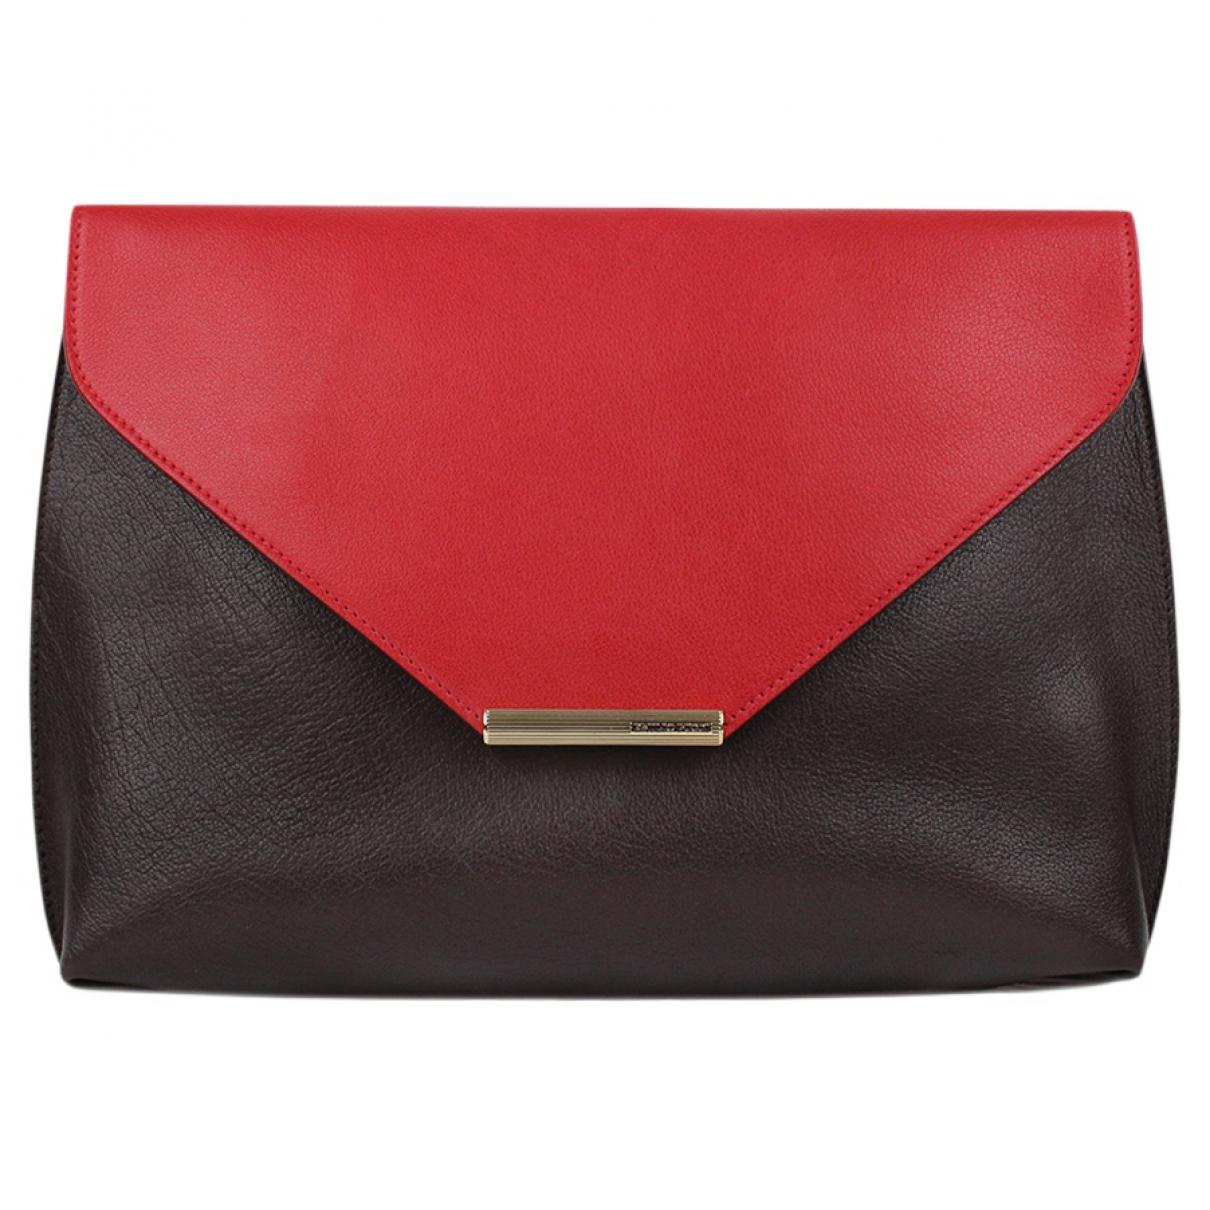 Emilio Pucci Pre-owned - Cloth clutch bag 412TM